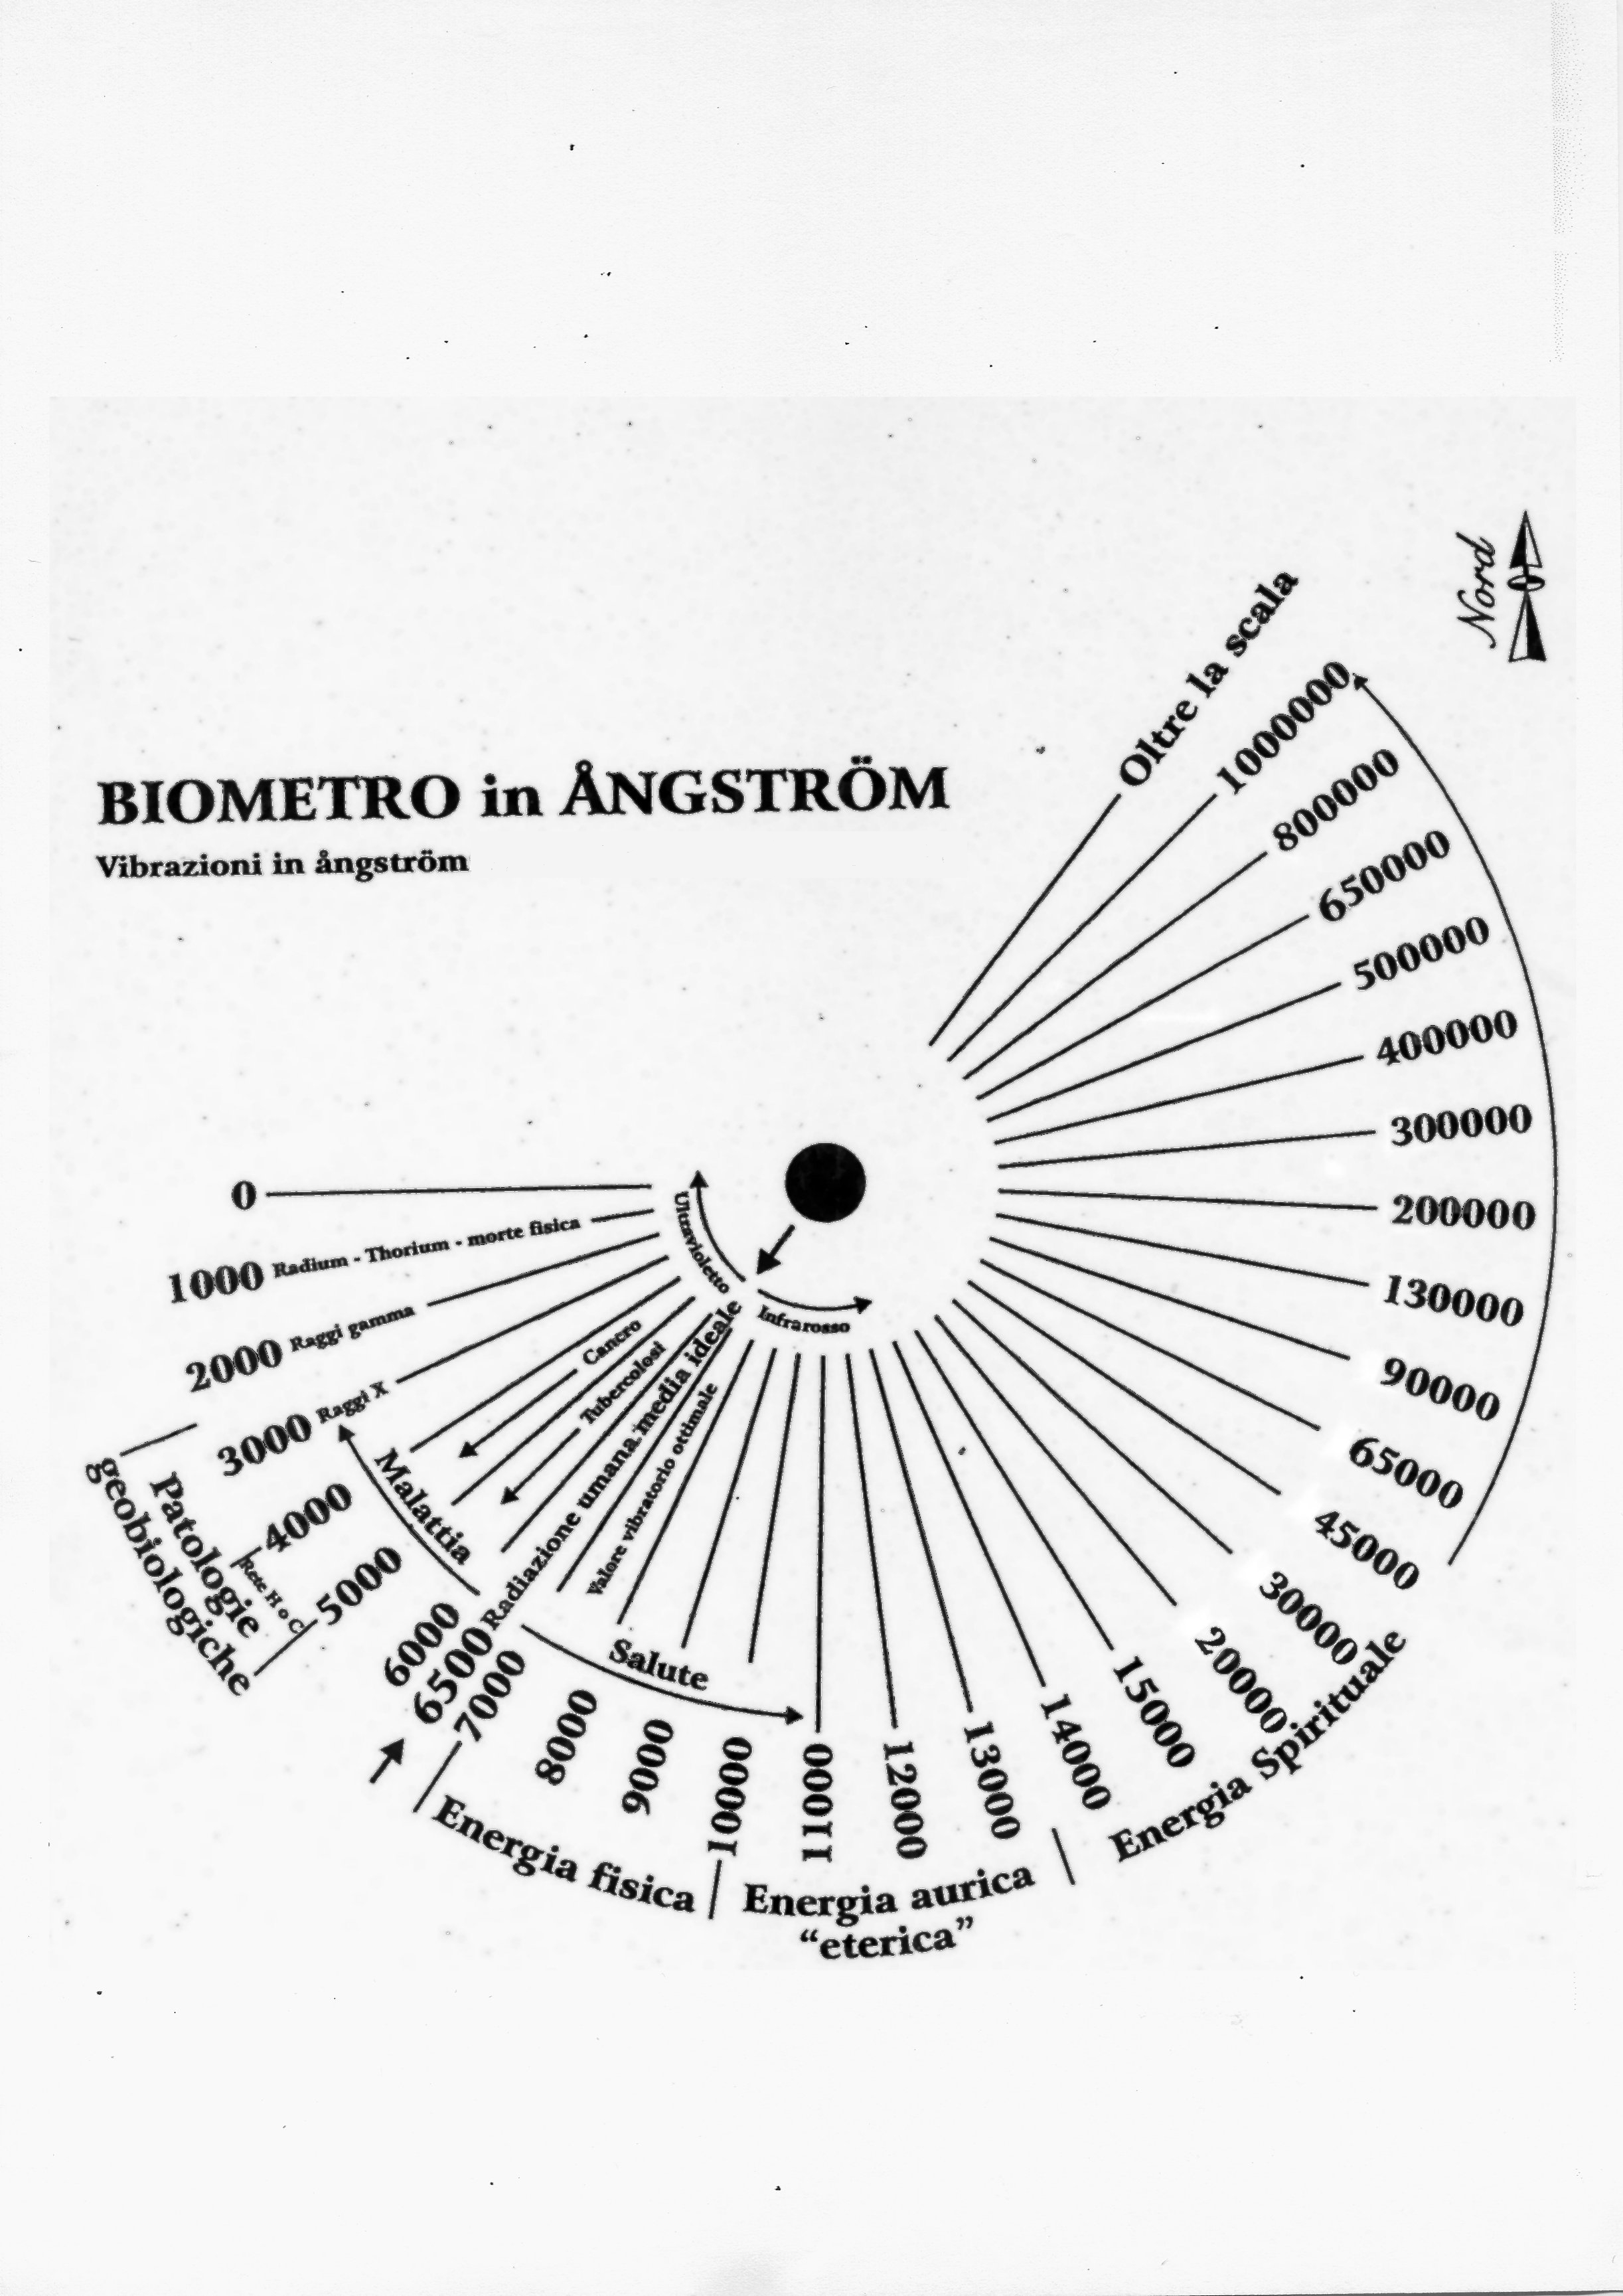 BOVIS E ANGSTROM 6